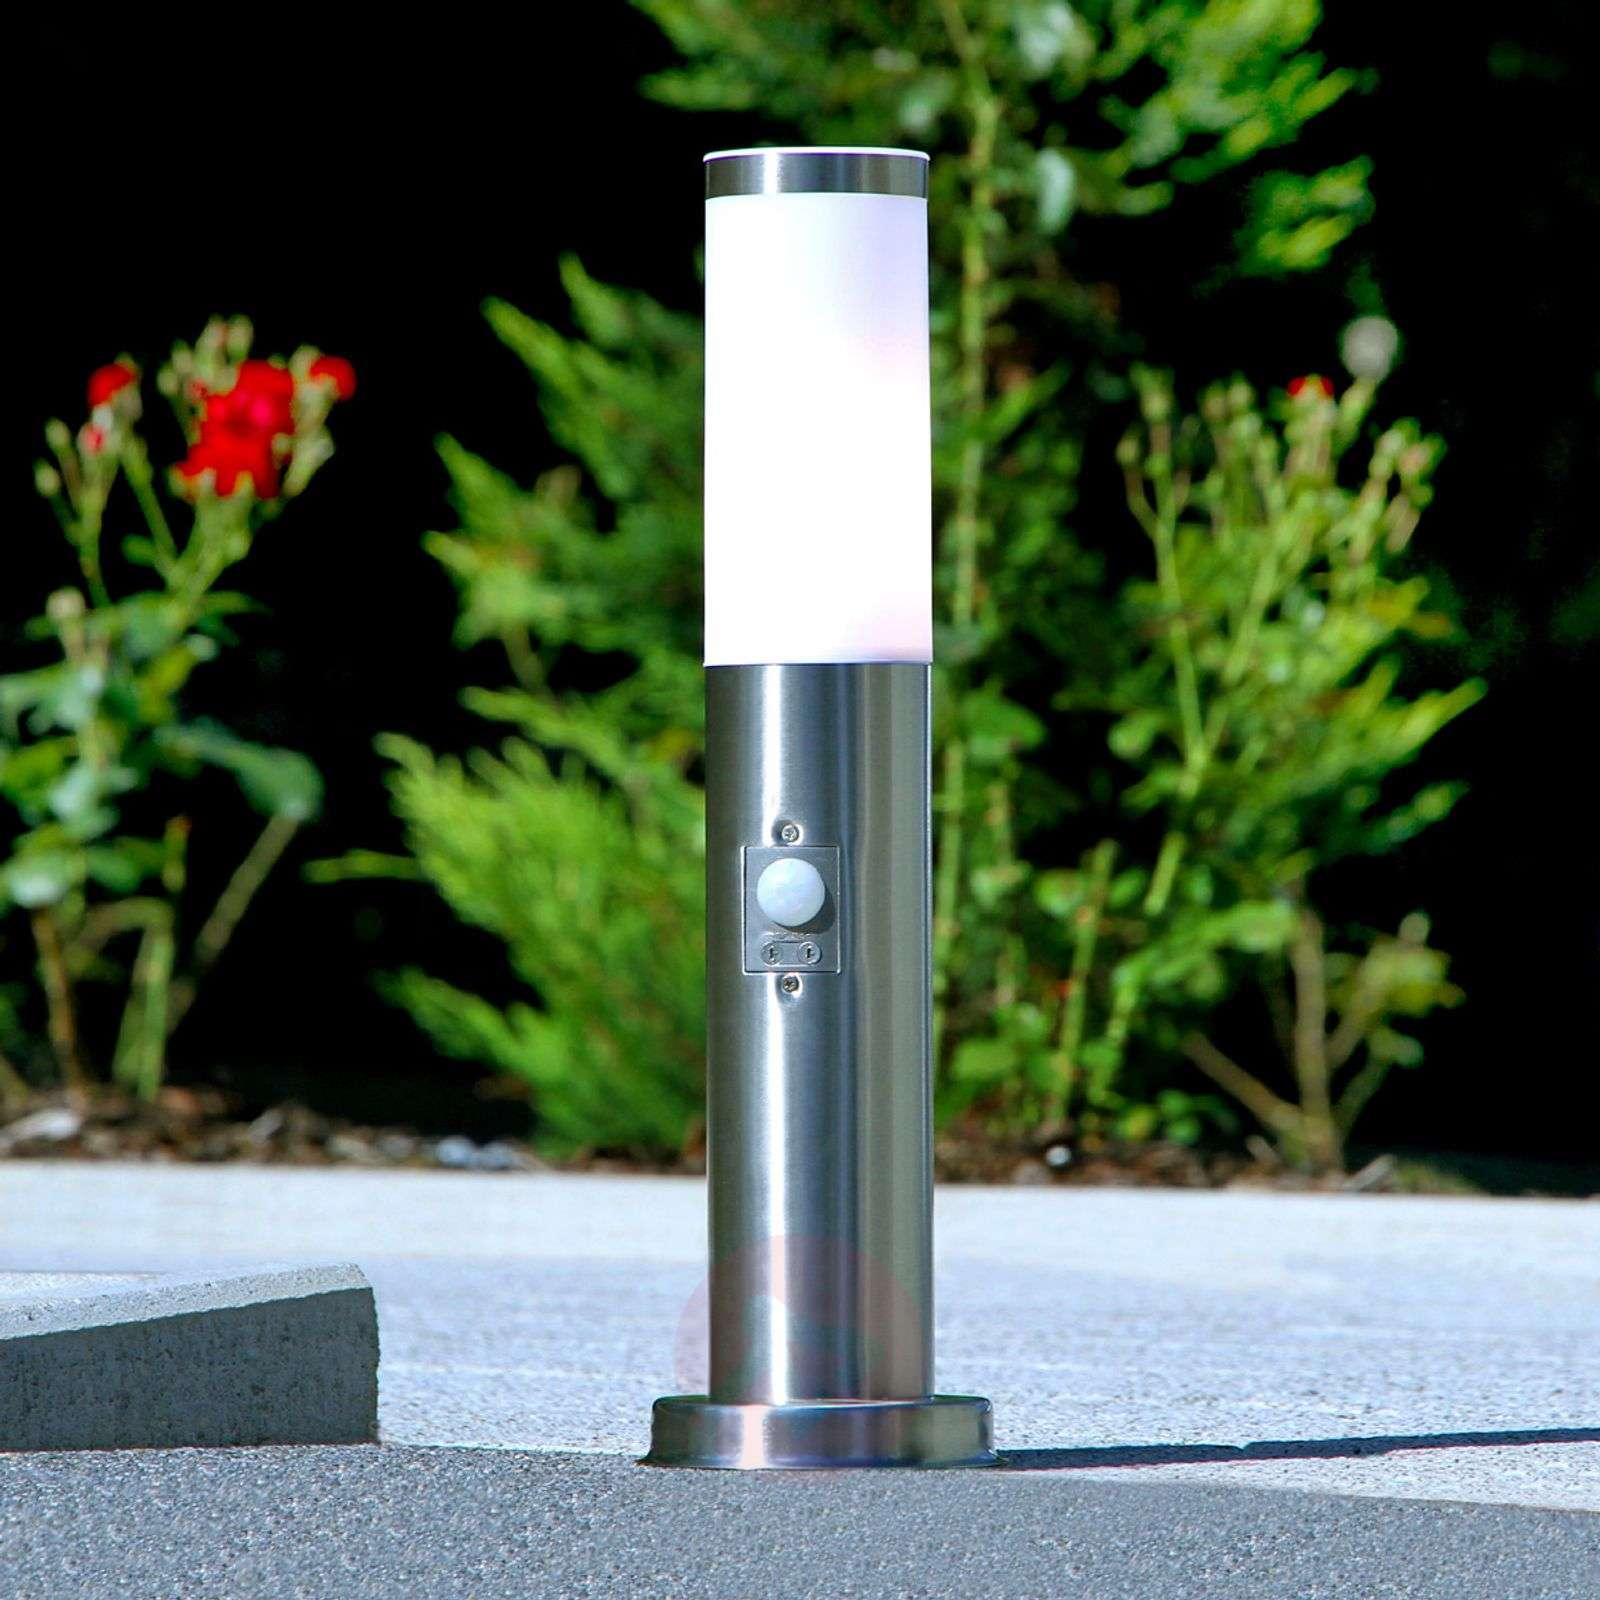 Discreet motion detector pillar lamp Kristof-9972056-05